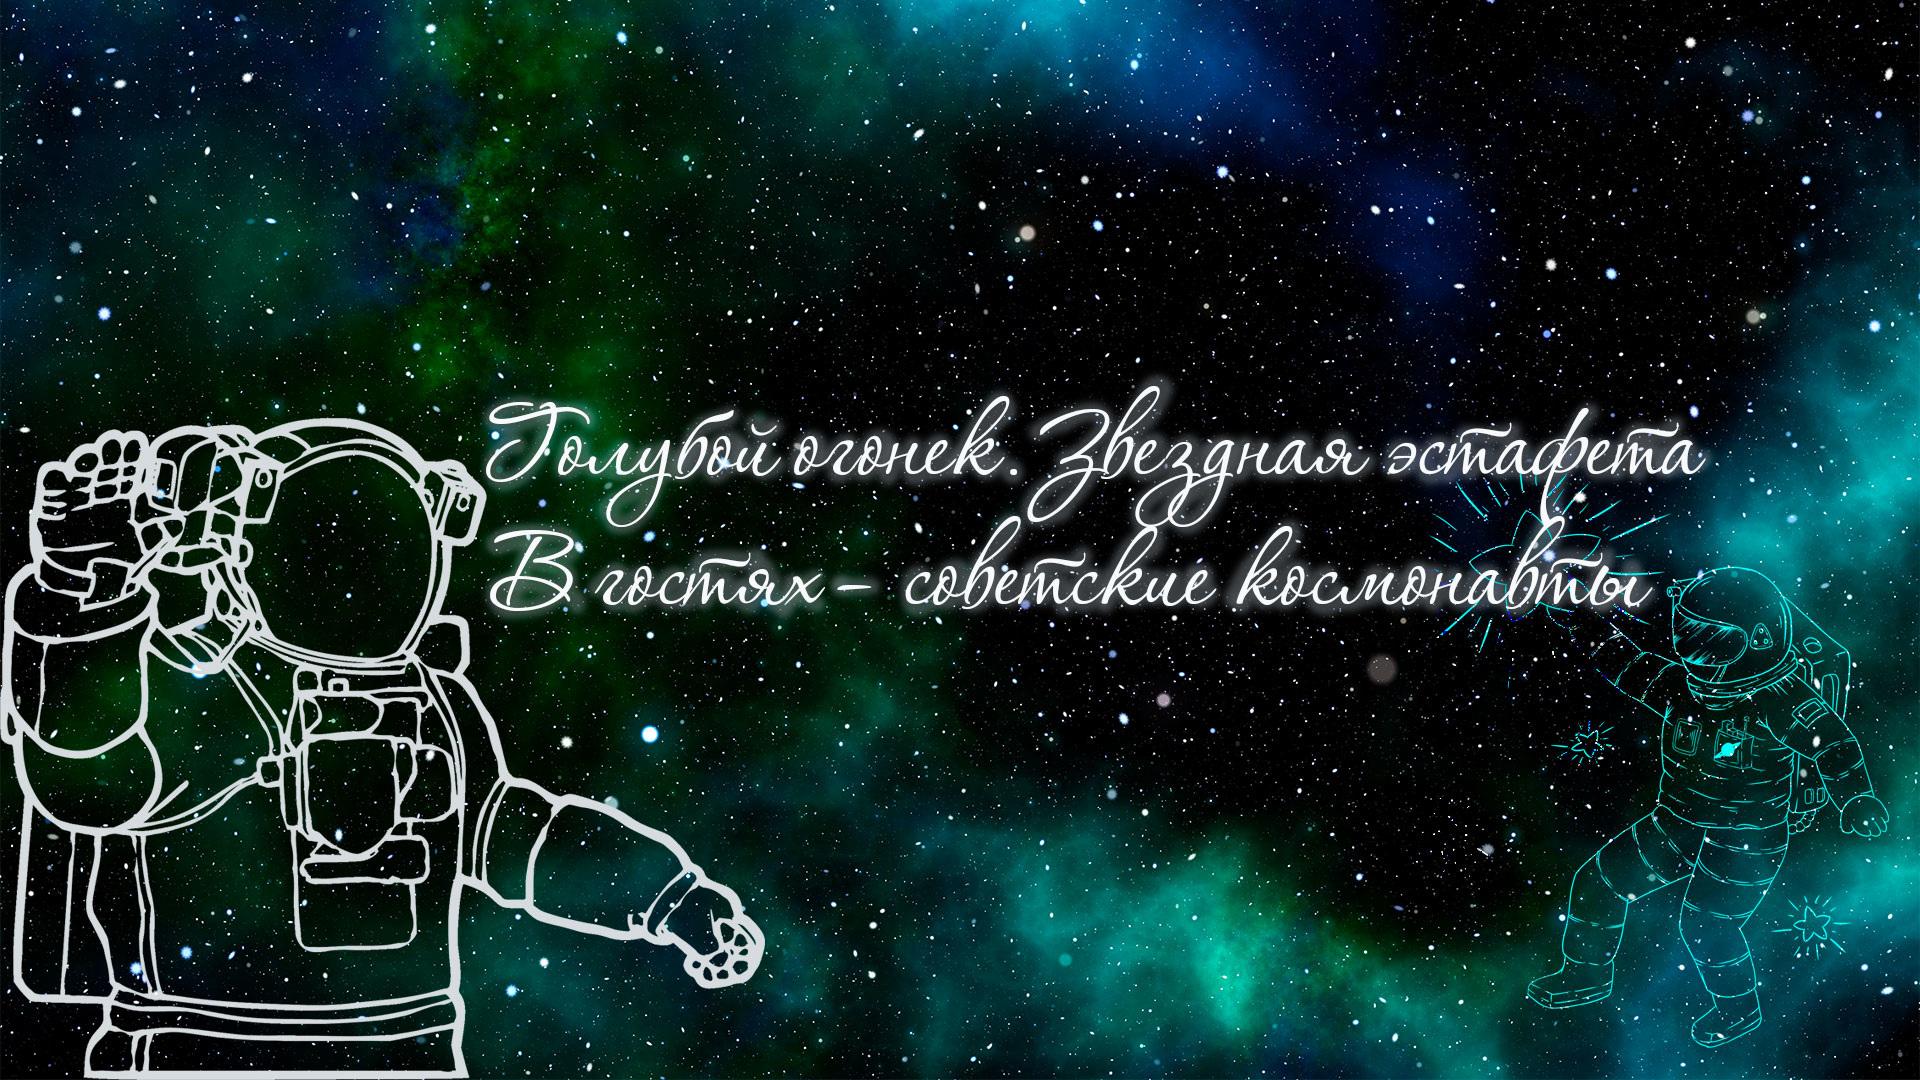 Голубой огонек. Звездная эстафета. В гостях – советские космонавты